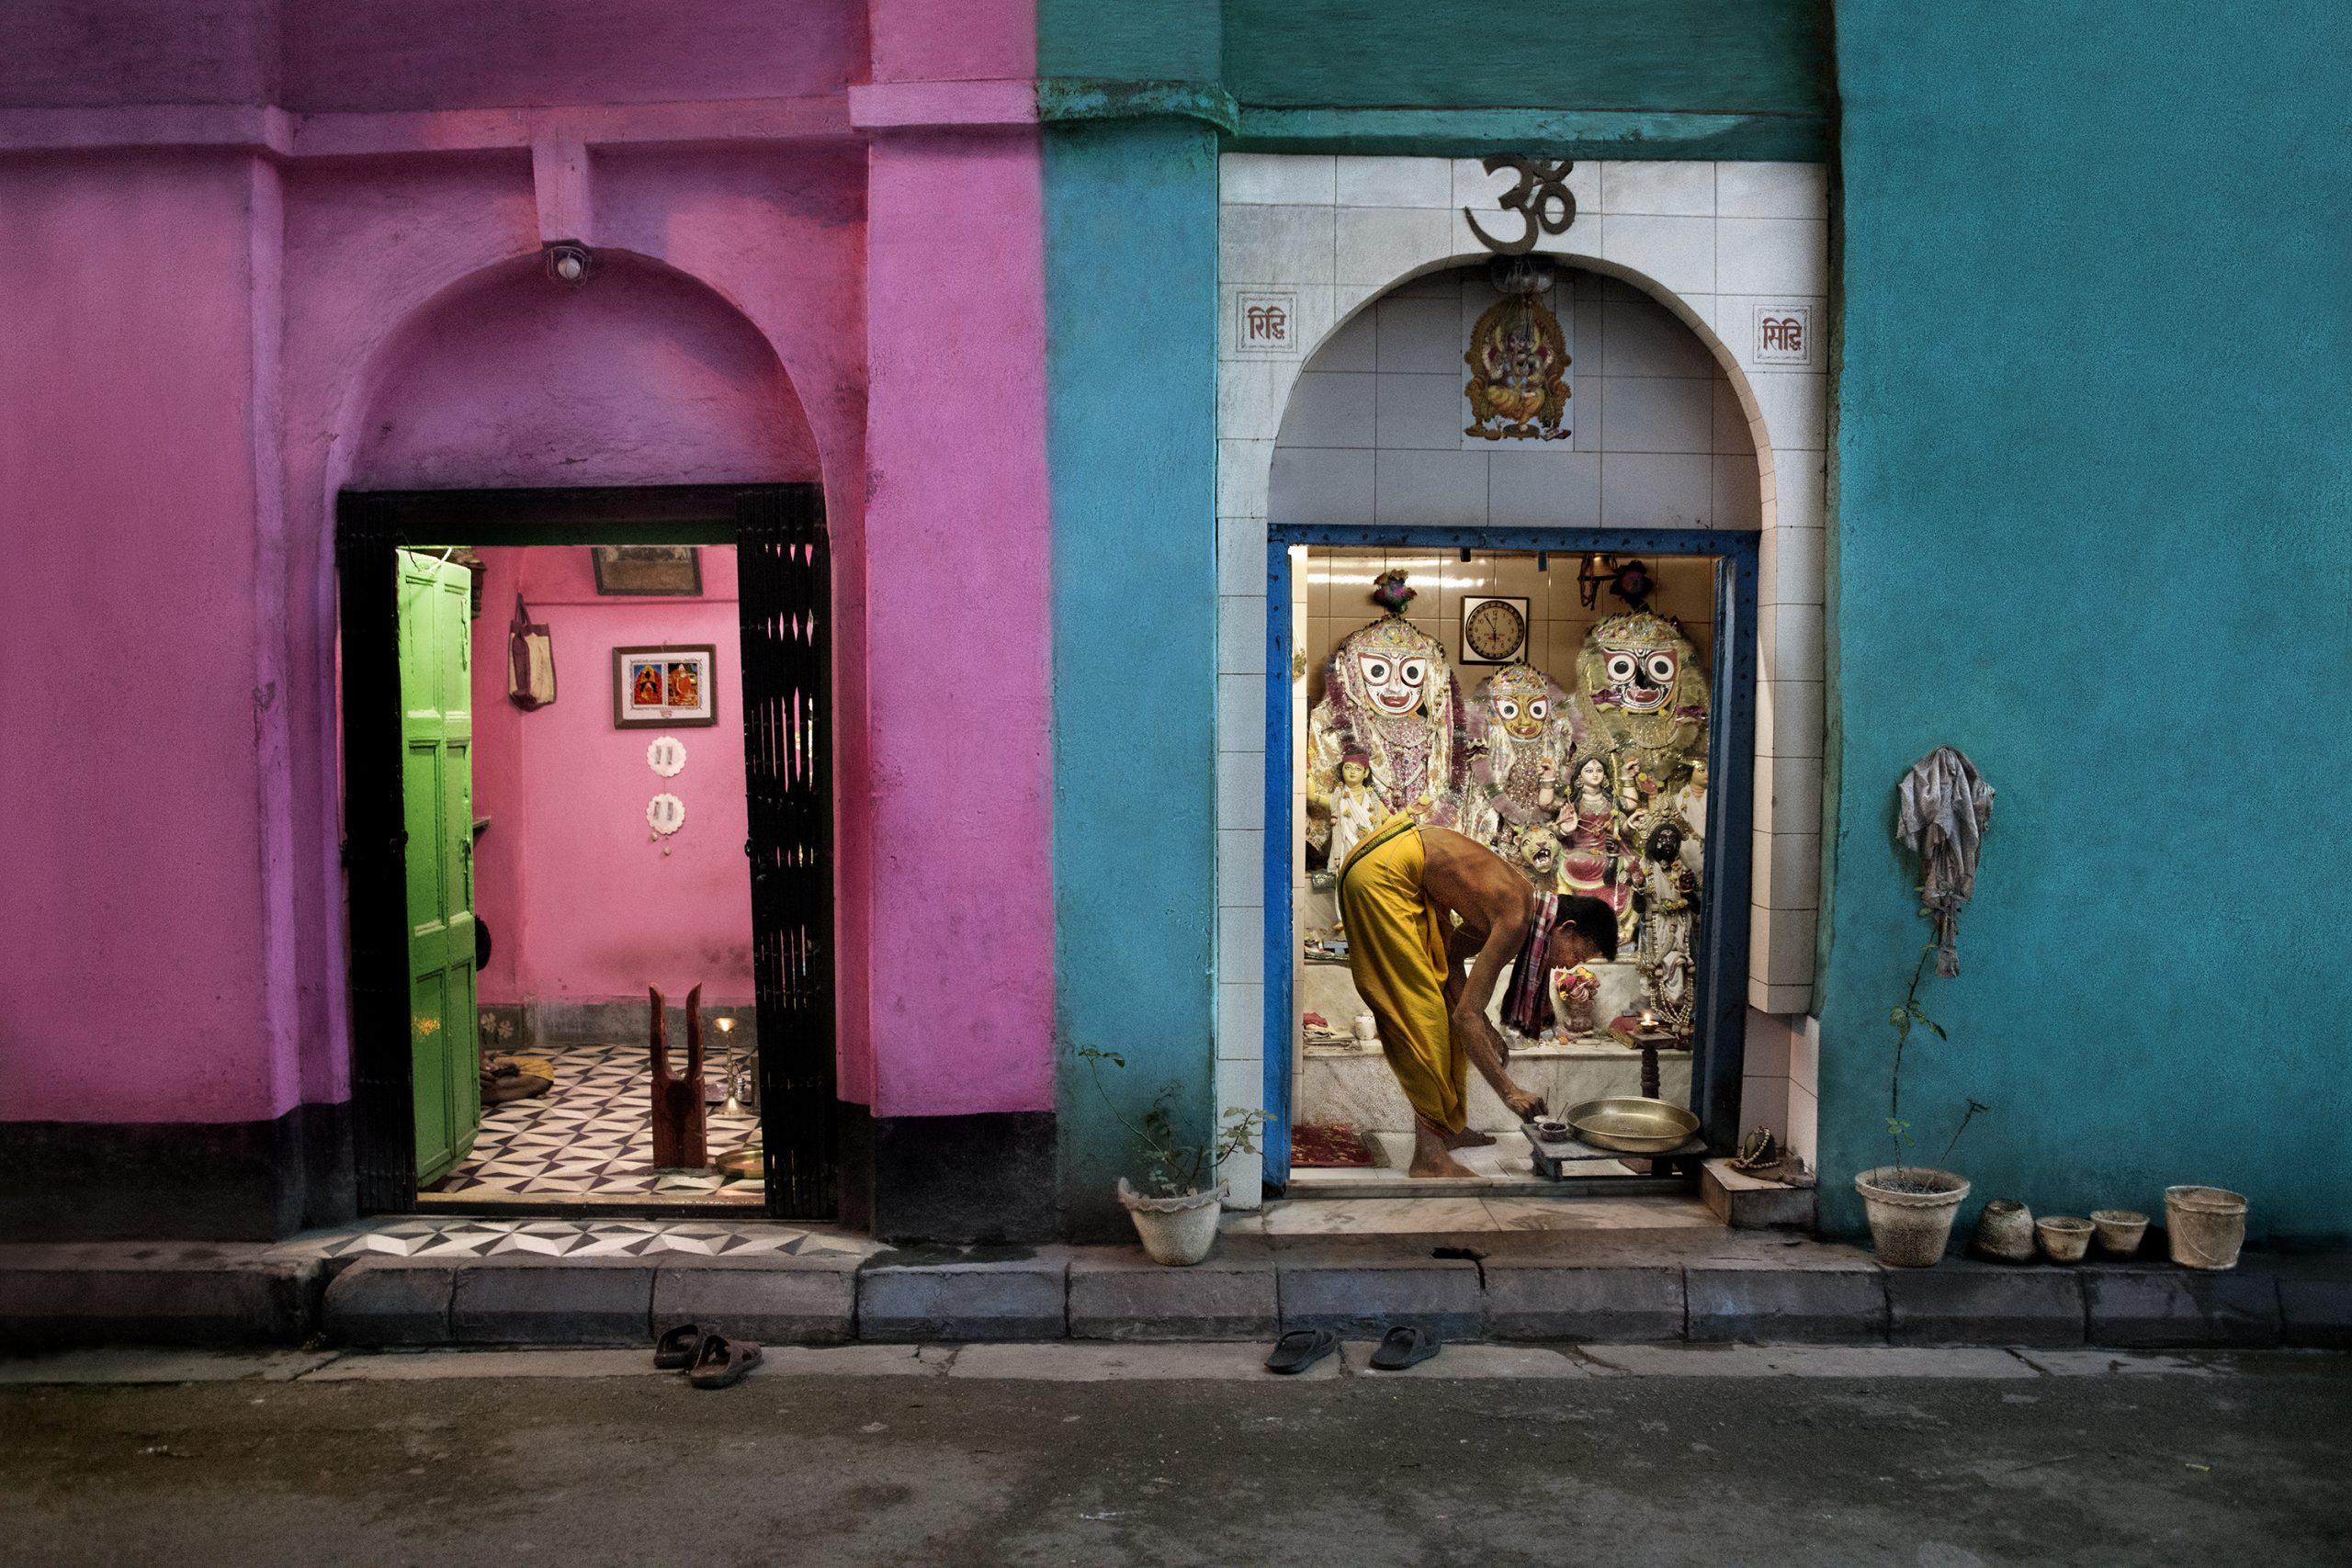 史蒂夫·麦卡里(Steve McCurry)的彩色照片,印度,色彩缤纷的房屋,男子沐浴,加尔各答